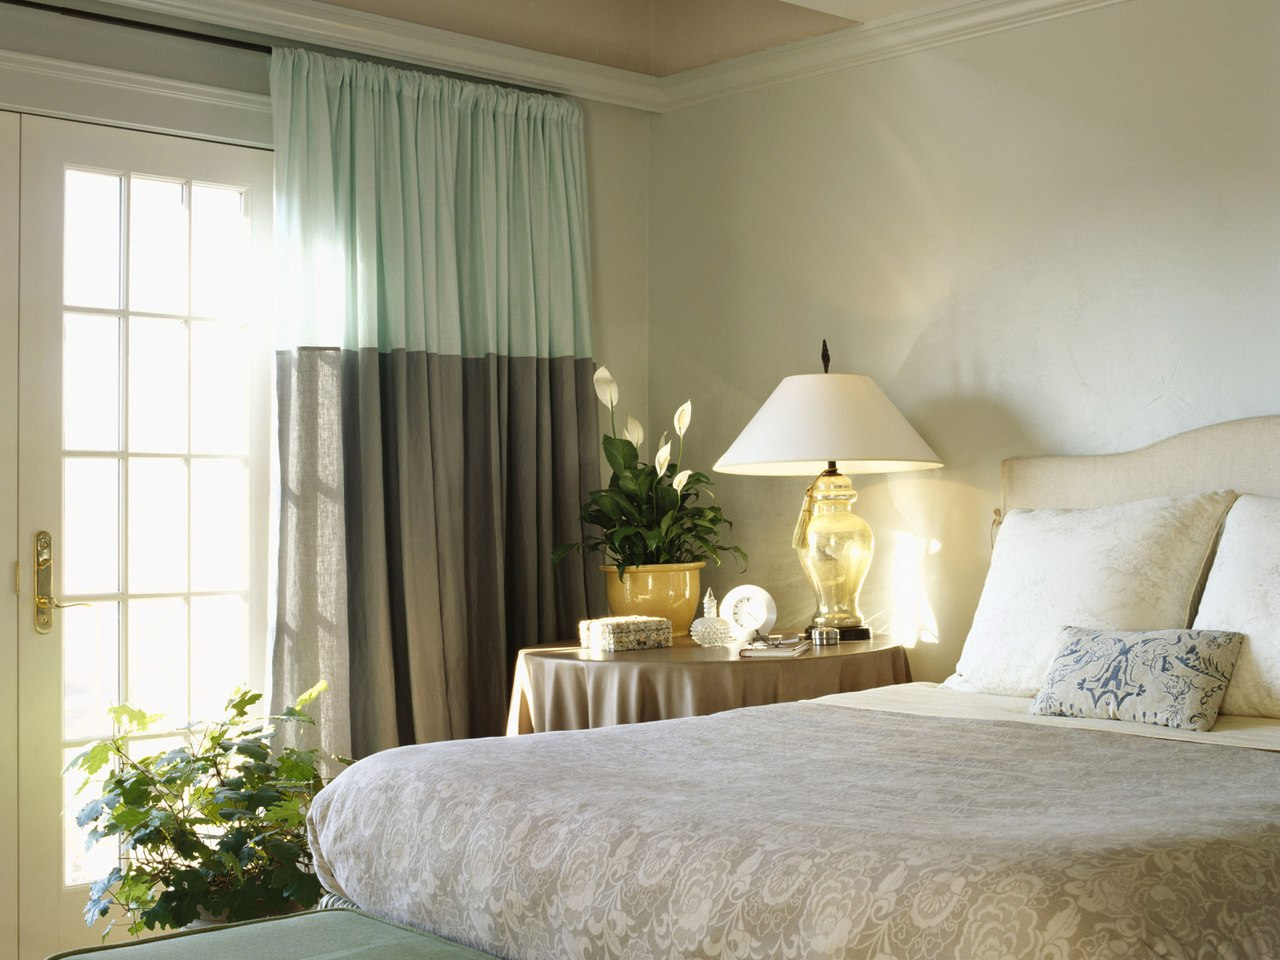 Шторы из натуральных тканей для спальни.